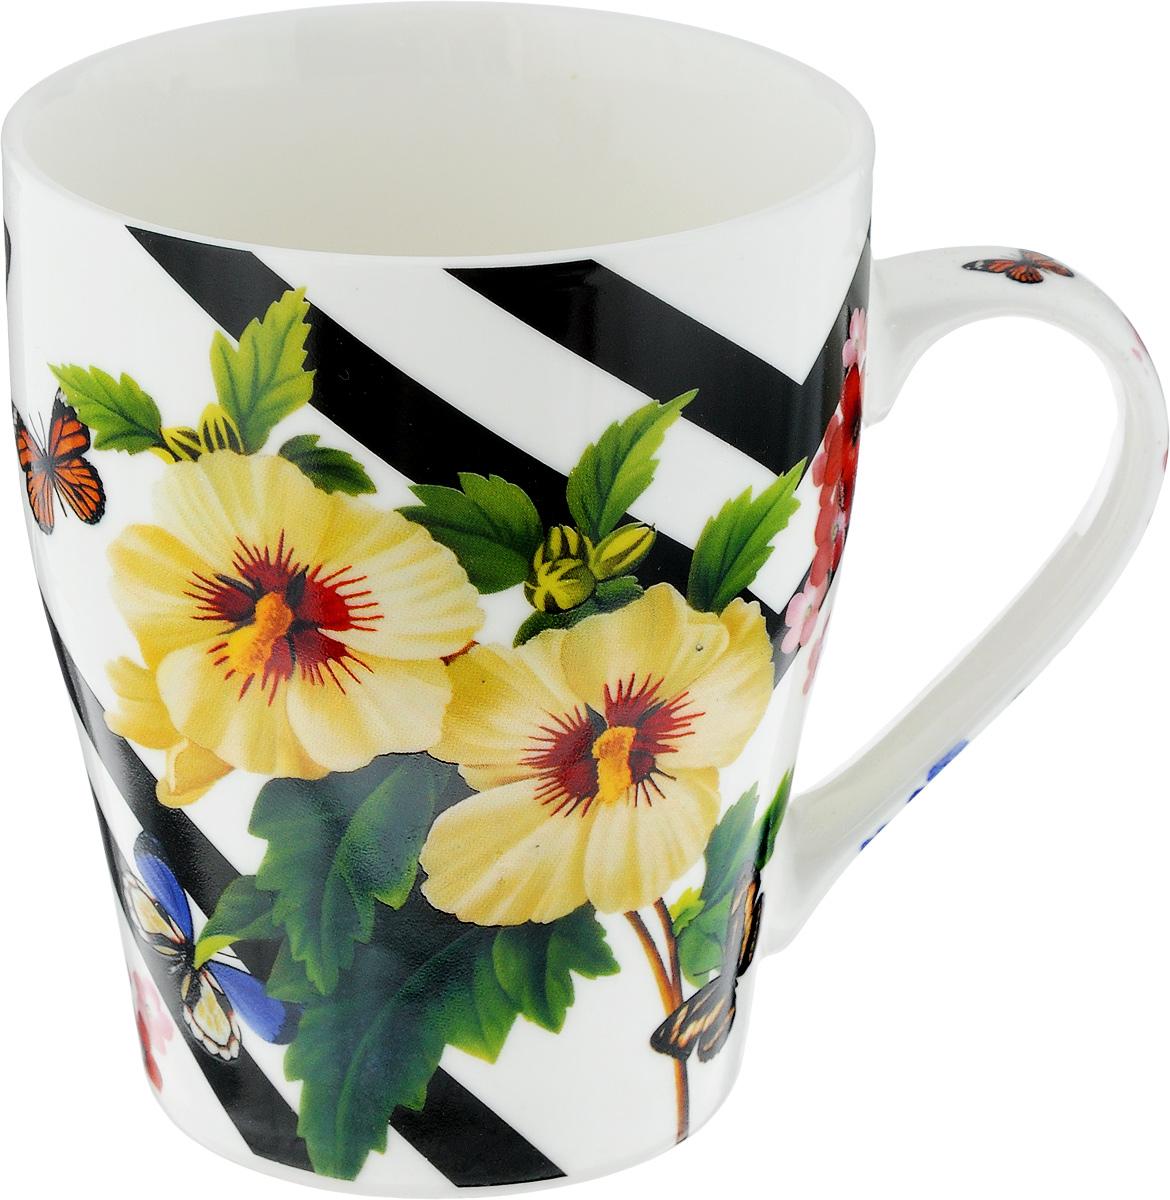 Кружка Loraine Цветы, 340 мл. 2445024450Кружка Loraine Цветы изготовлена из прочного качественного костяного фарфора. Изделие оформлено красочным рисунком. Благодаря своим термостатическим свойствам, изделие отлично сохраняет температуру содержимого - морозной зимой кружка будет согревать вас горячим чаем, а знойным летом, напротив, радовать прохладными напитками. Такой аксессуар создаст атмосферу тепла и уюта, настроит на позитивный лад и подарит хорошее настроение с самого утра. Это оригинальное изделие идеально подойдет в подарок близкому человеку. Диаметр (по верхнему краю): 8,3 см. Высота кружки: 10 см. Объем: 340 мл.